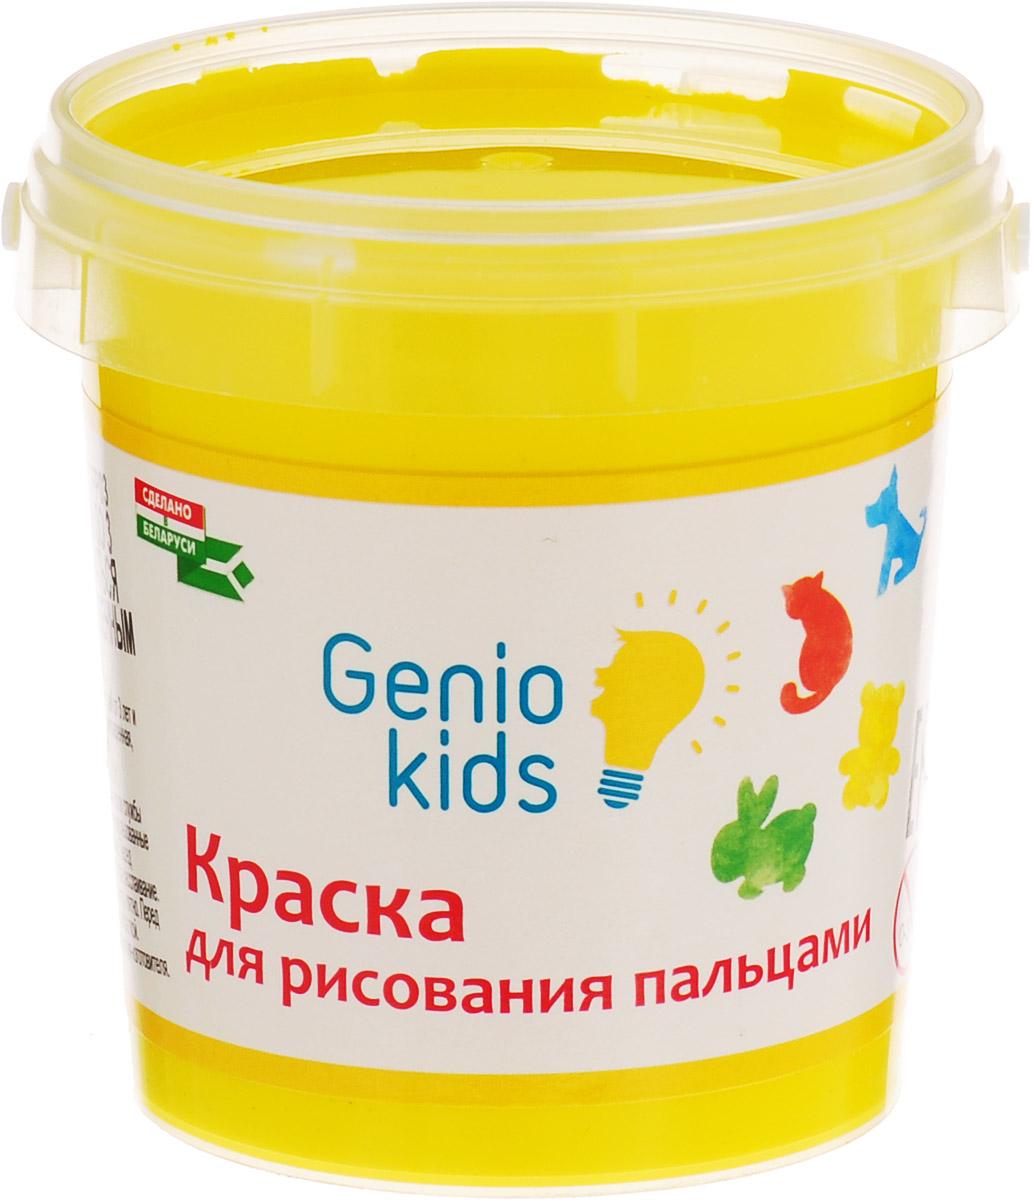 Genio Kids Краска пальчиковая цвет желтый 100 млFP03_желтыйОдним из самых легких и интересных видов творчества, в котором ваш ребенок судовольствием примет активное участие - это рисование. Пальчиковая краска Genio Kids даст вашему ребенку возможность проявить себя,предоставив необходимый минимум творческихпринадлежностей. При использовании краски не понадобятся ни кисточка, нивода, достаточно просто открыть банку, окунуть в краску пальчик -и можно приступать к творчеству.Пальчиковая краска безопасна, легкосмывается с рук и любых поверхностей. Рисование будет развивать увашего малыша творческие способности, воображение, логику, память, мышление.